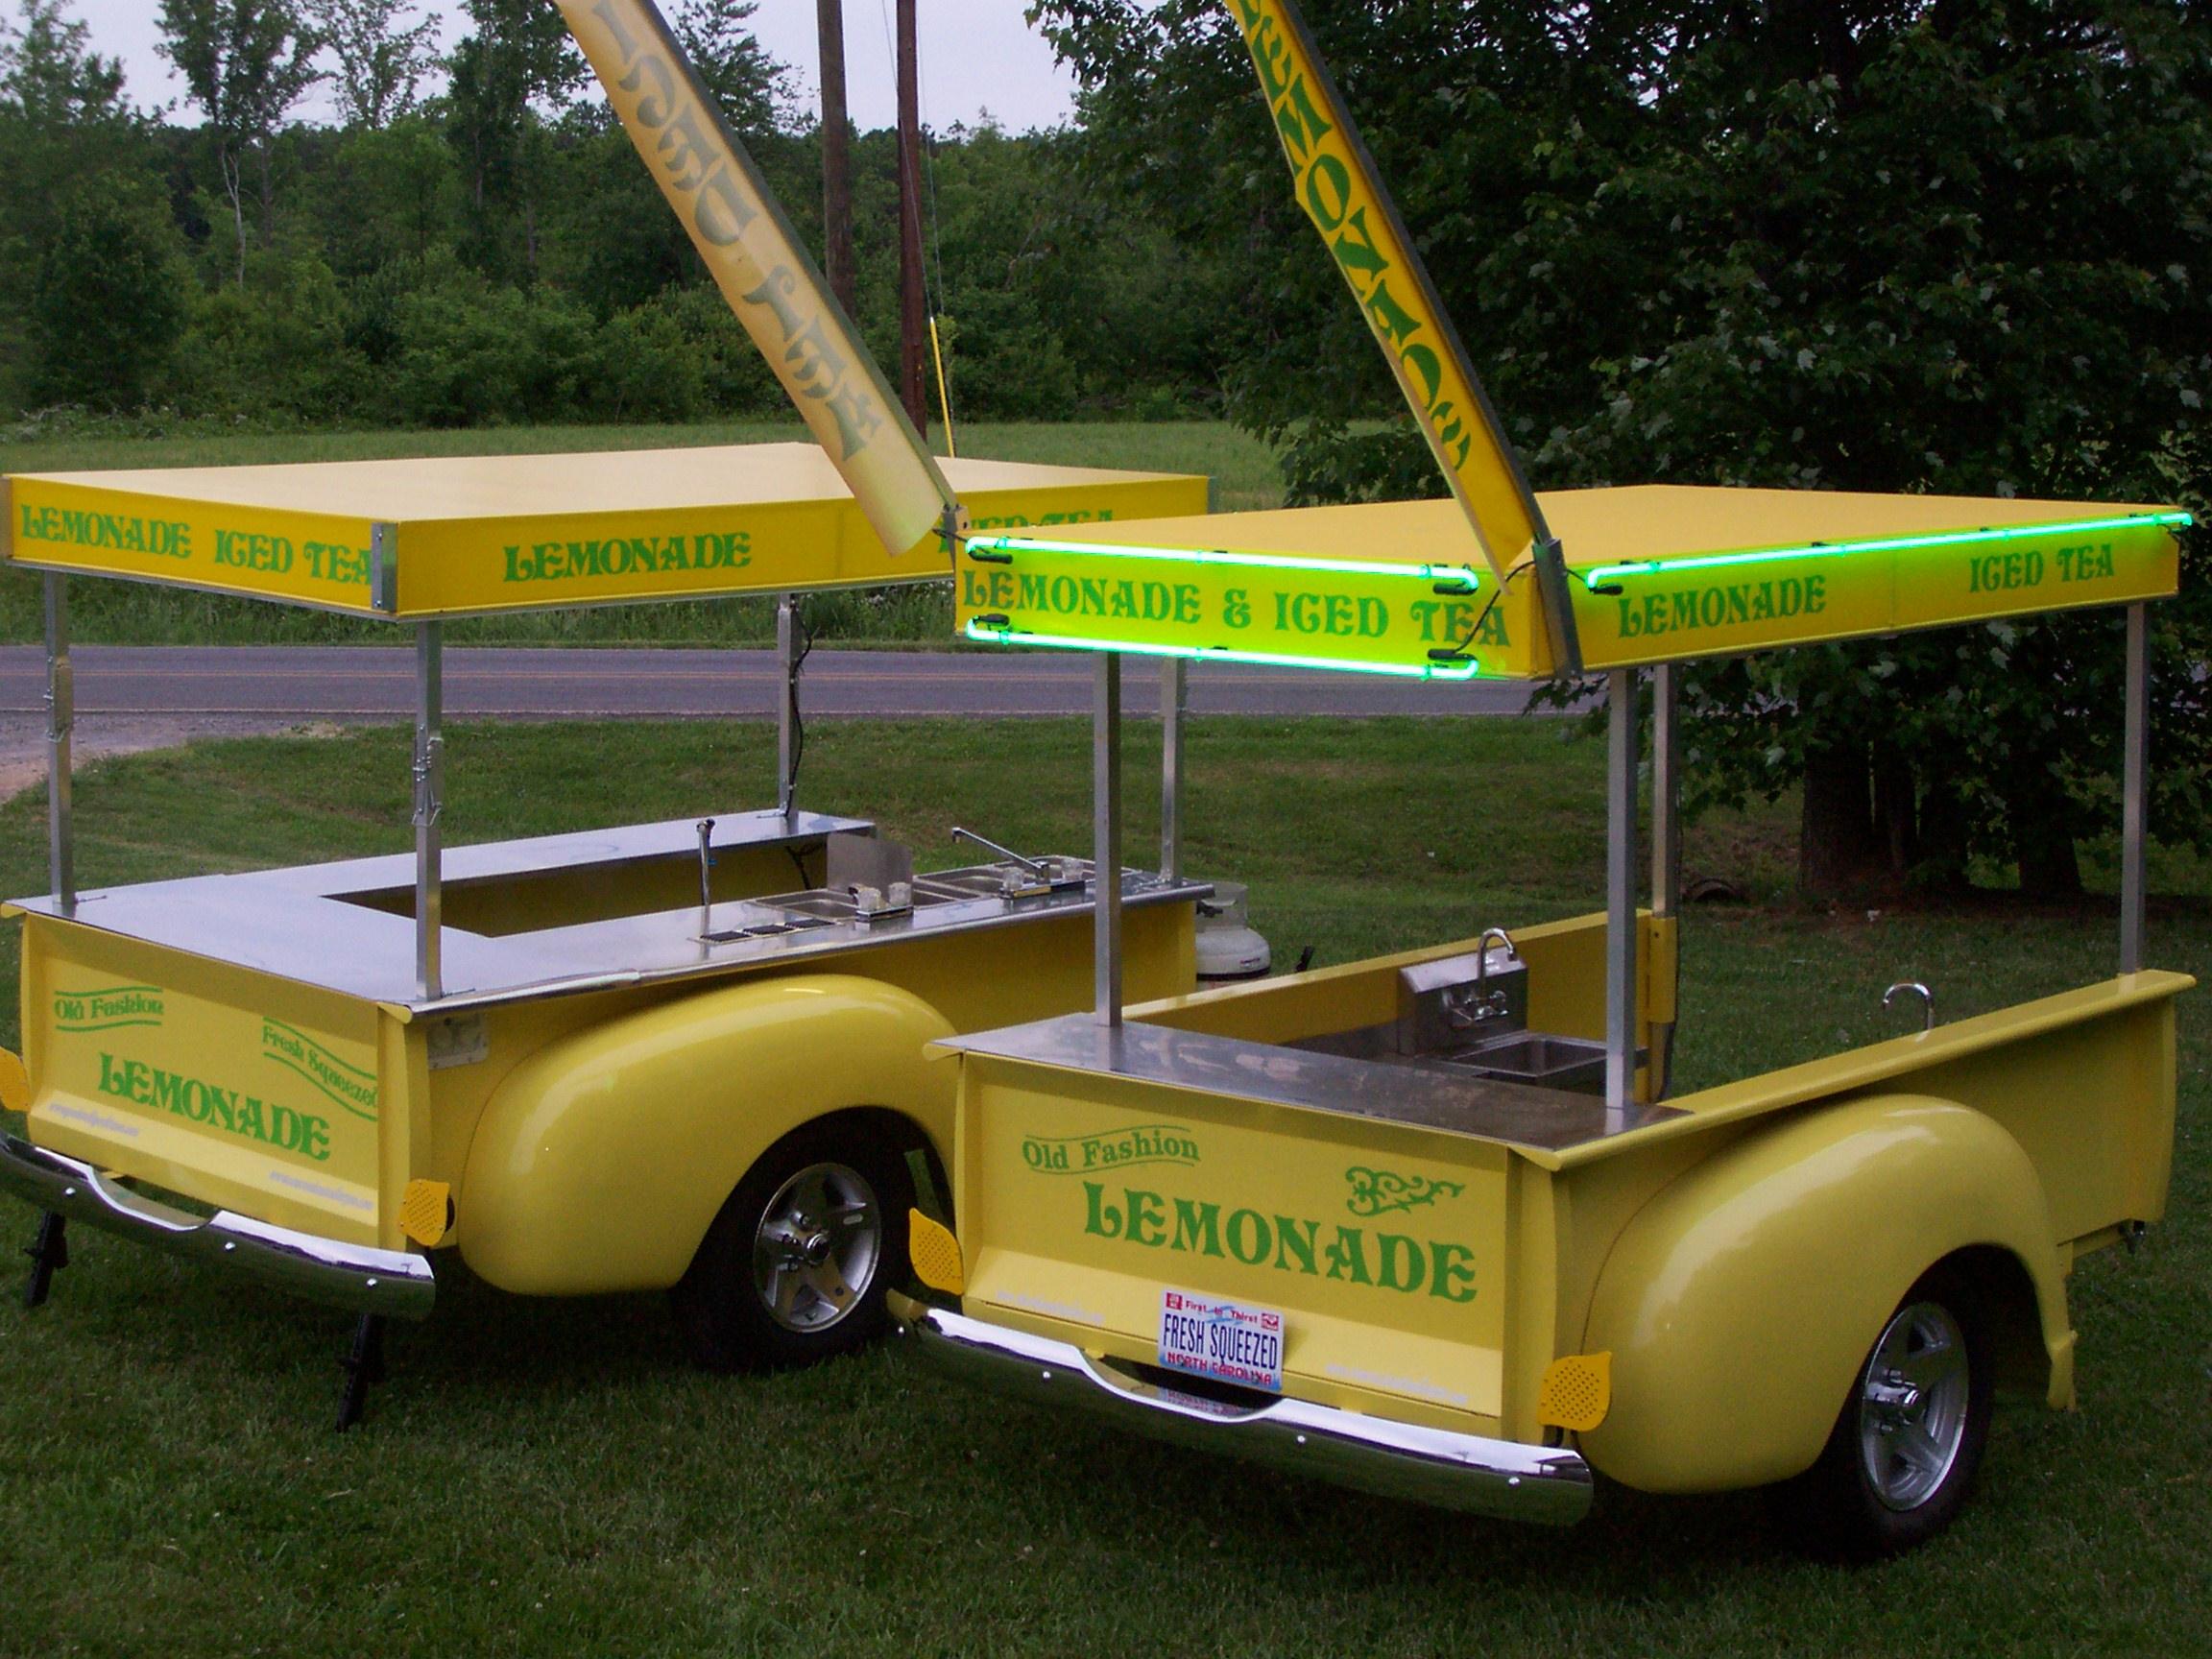 The Lemonade Trailer